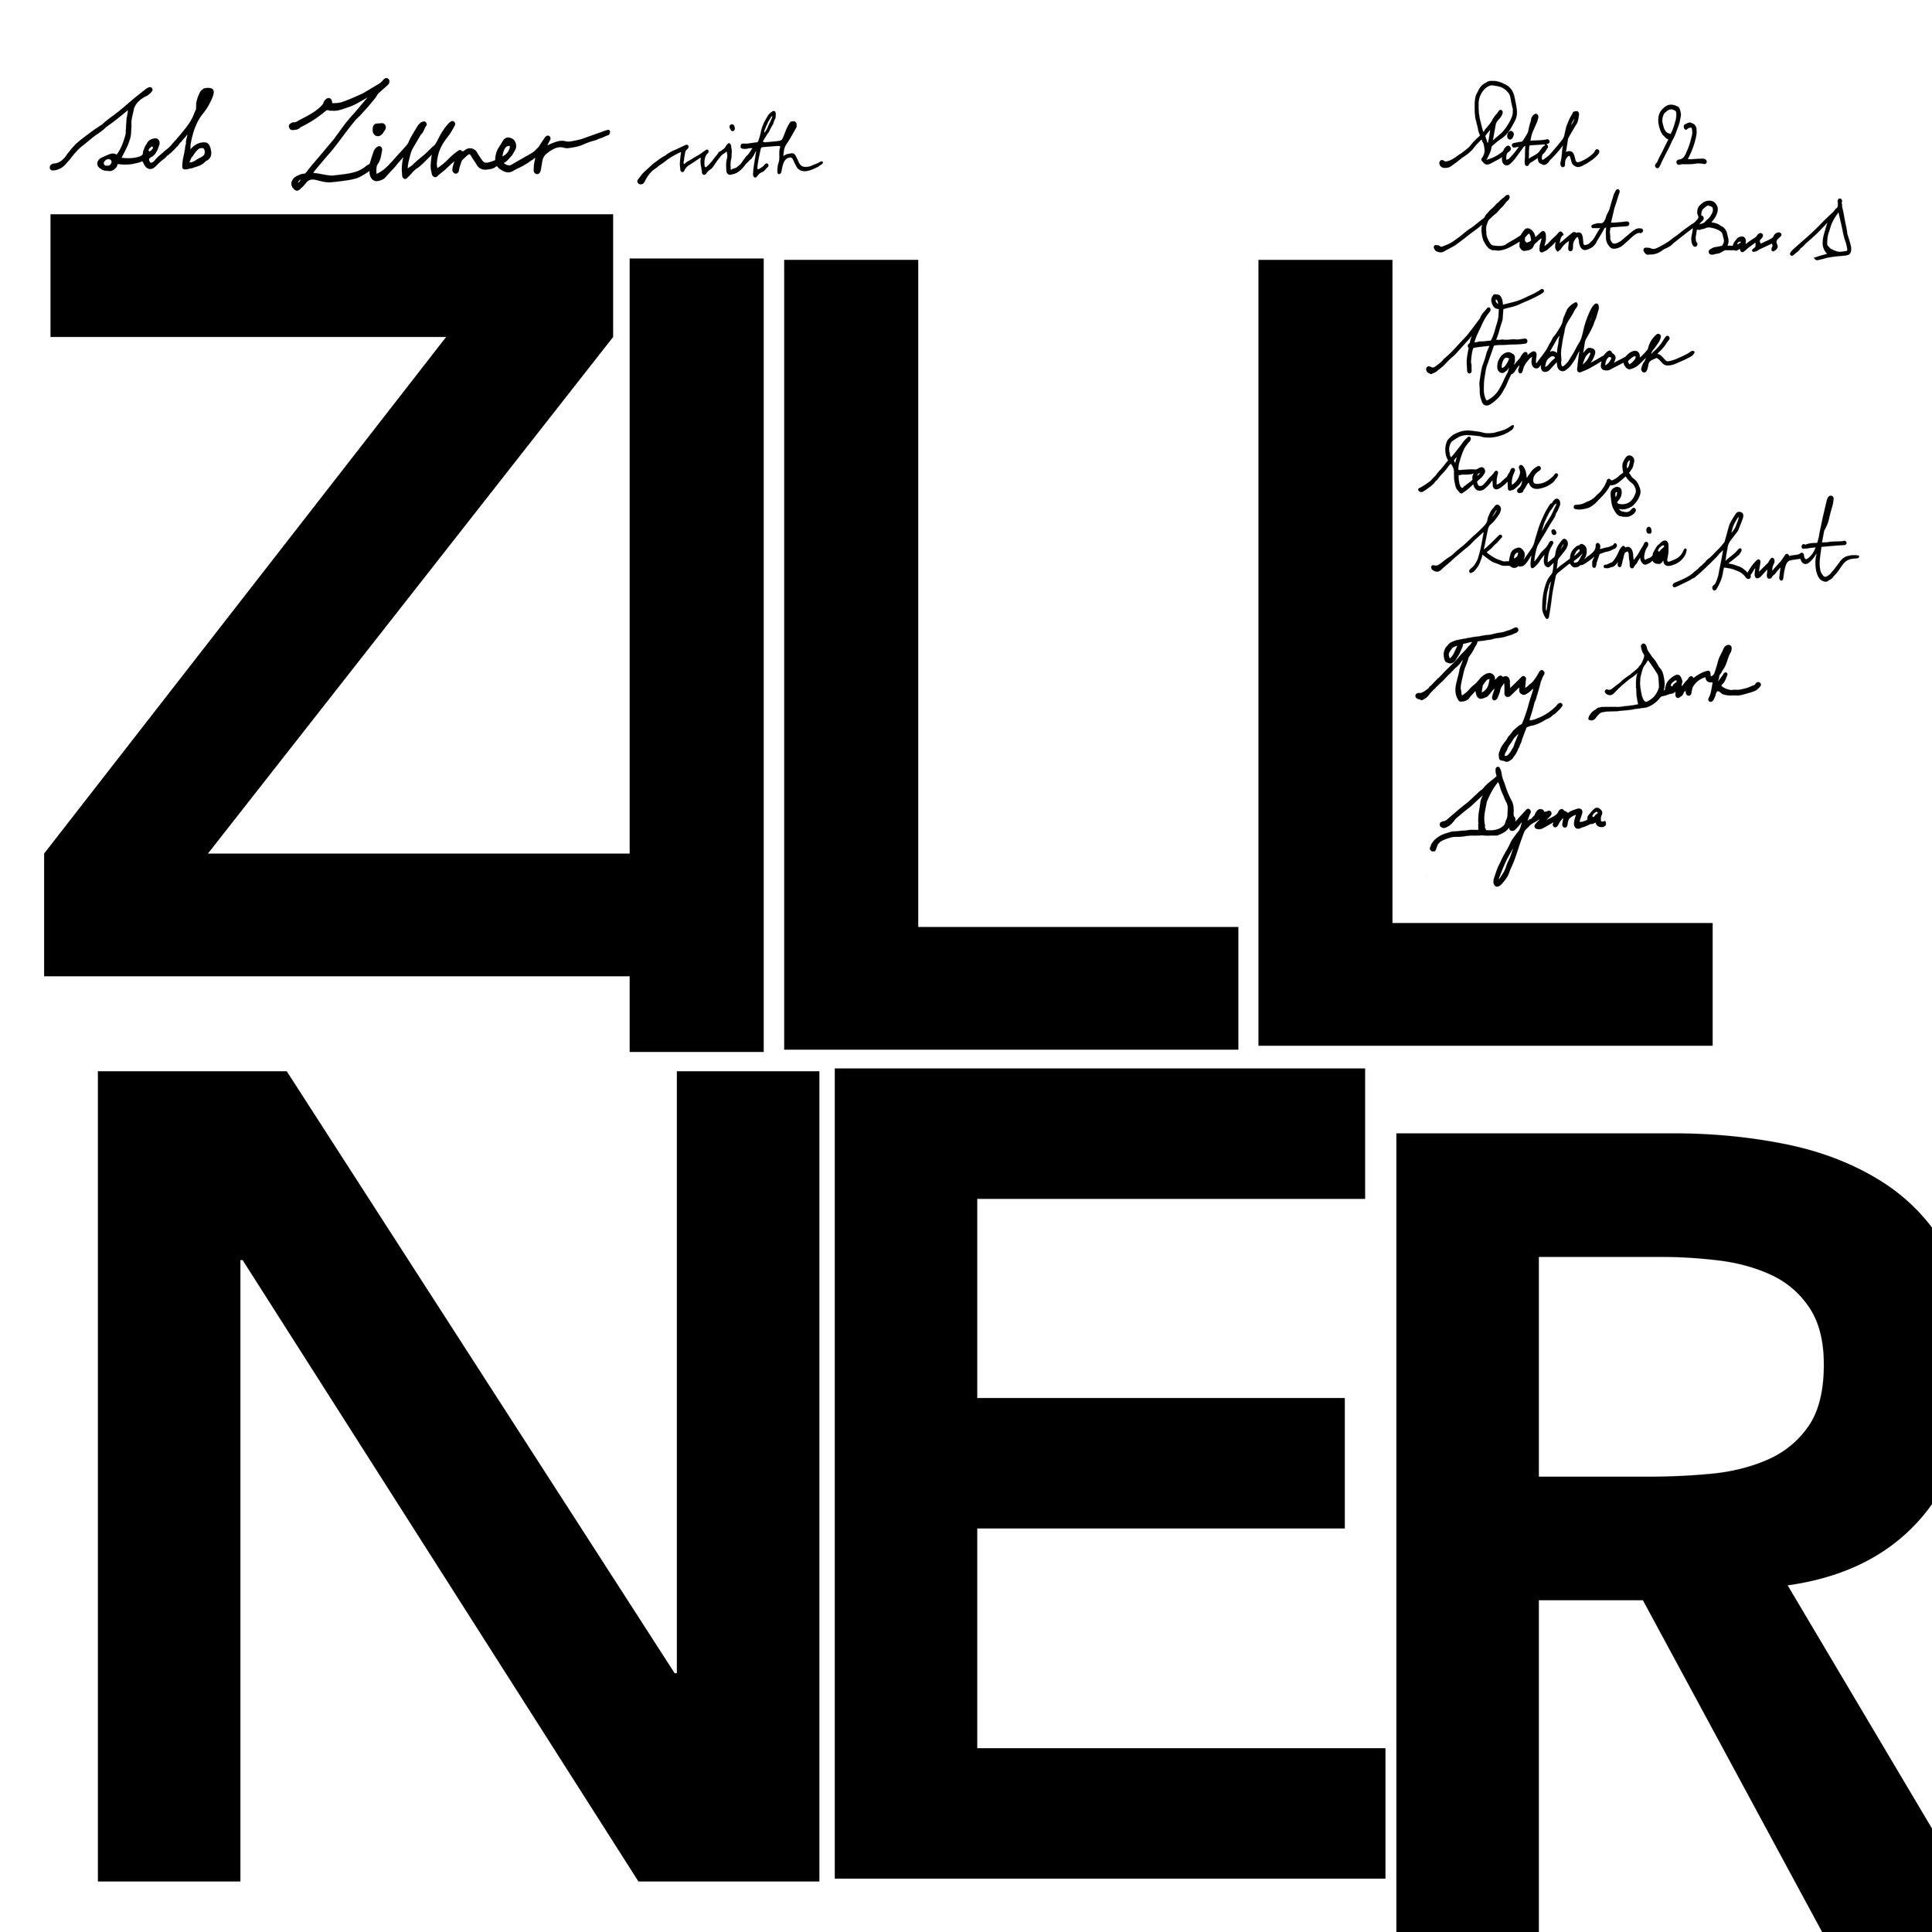 Seb Zillner Final 2 Album Cover (high).jpg